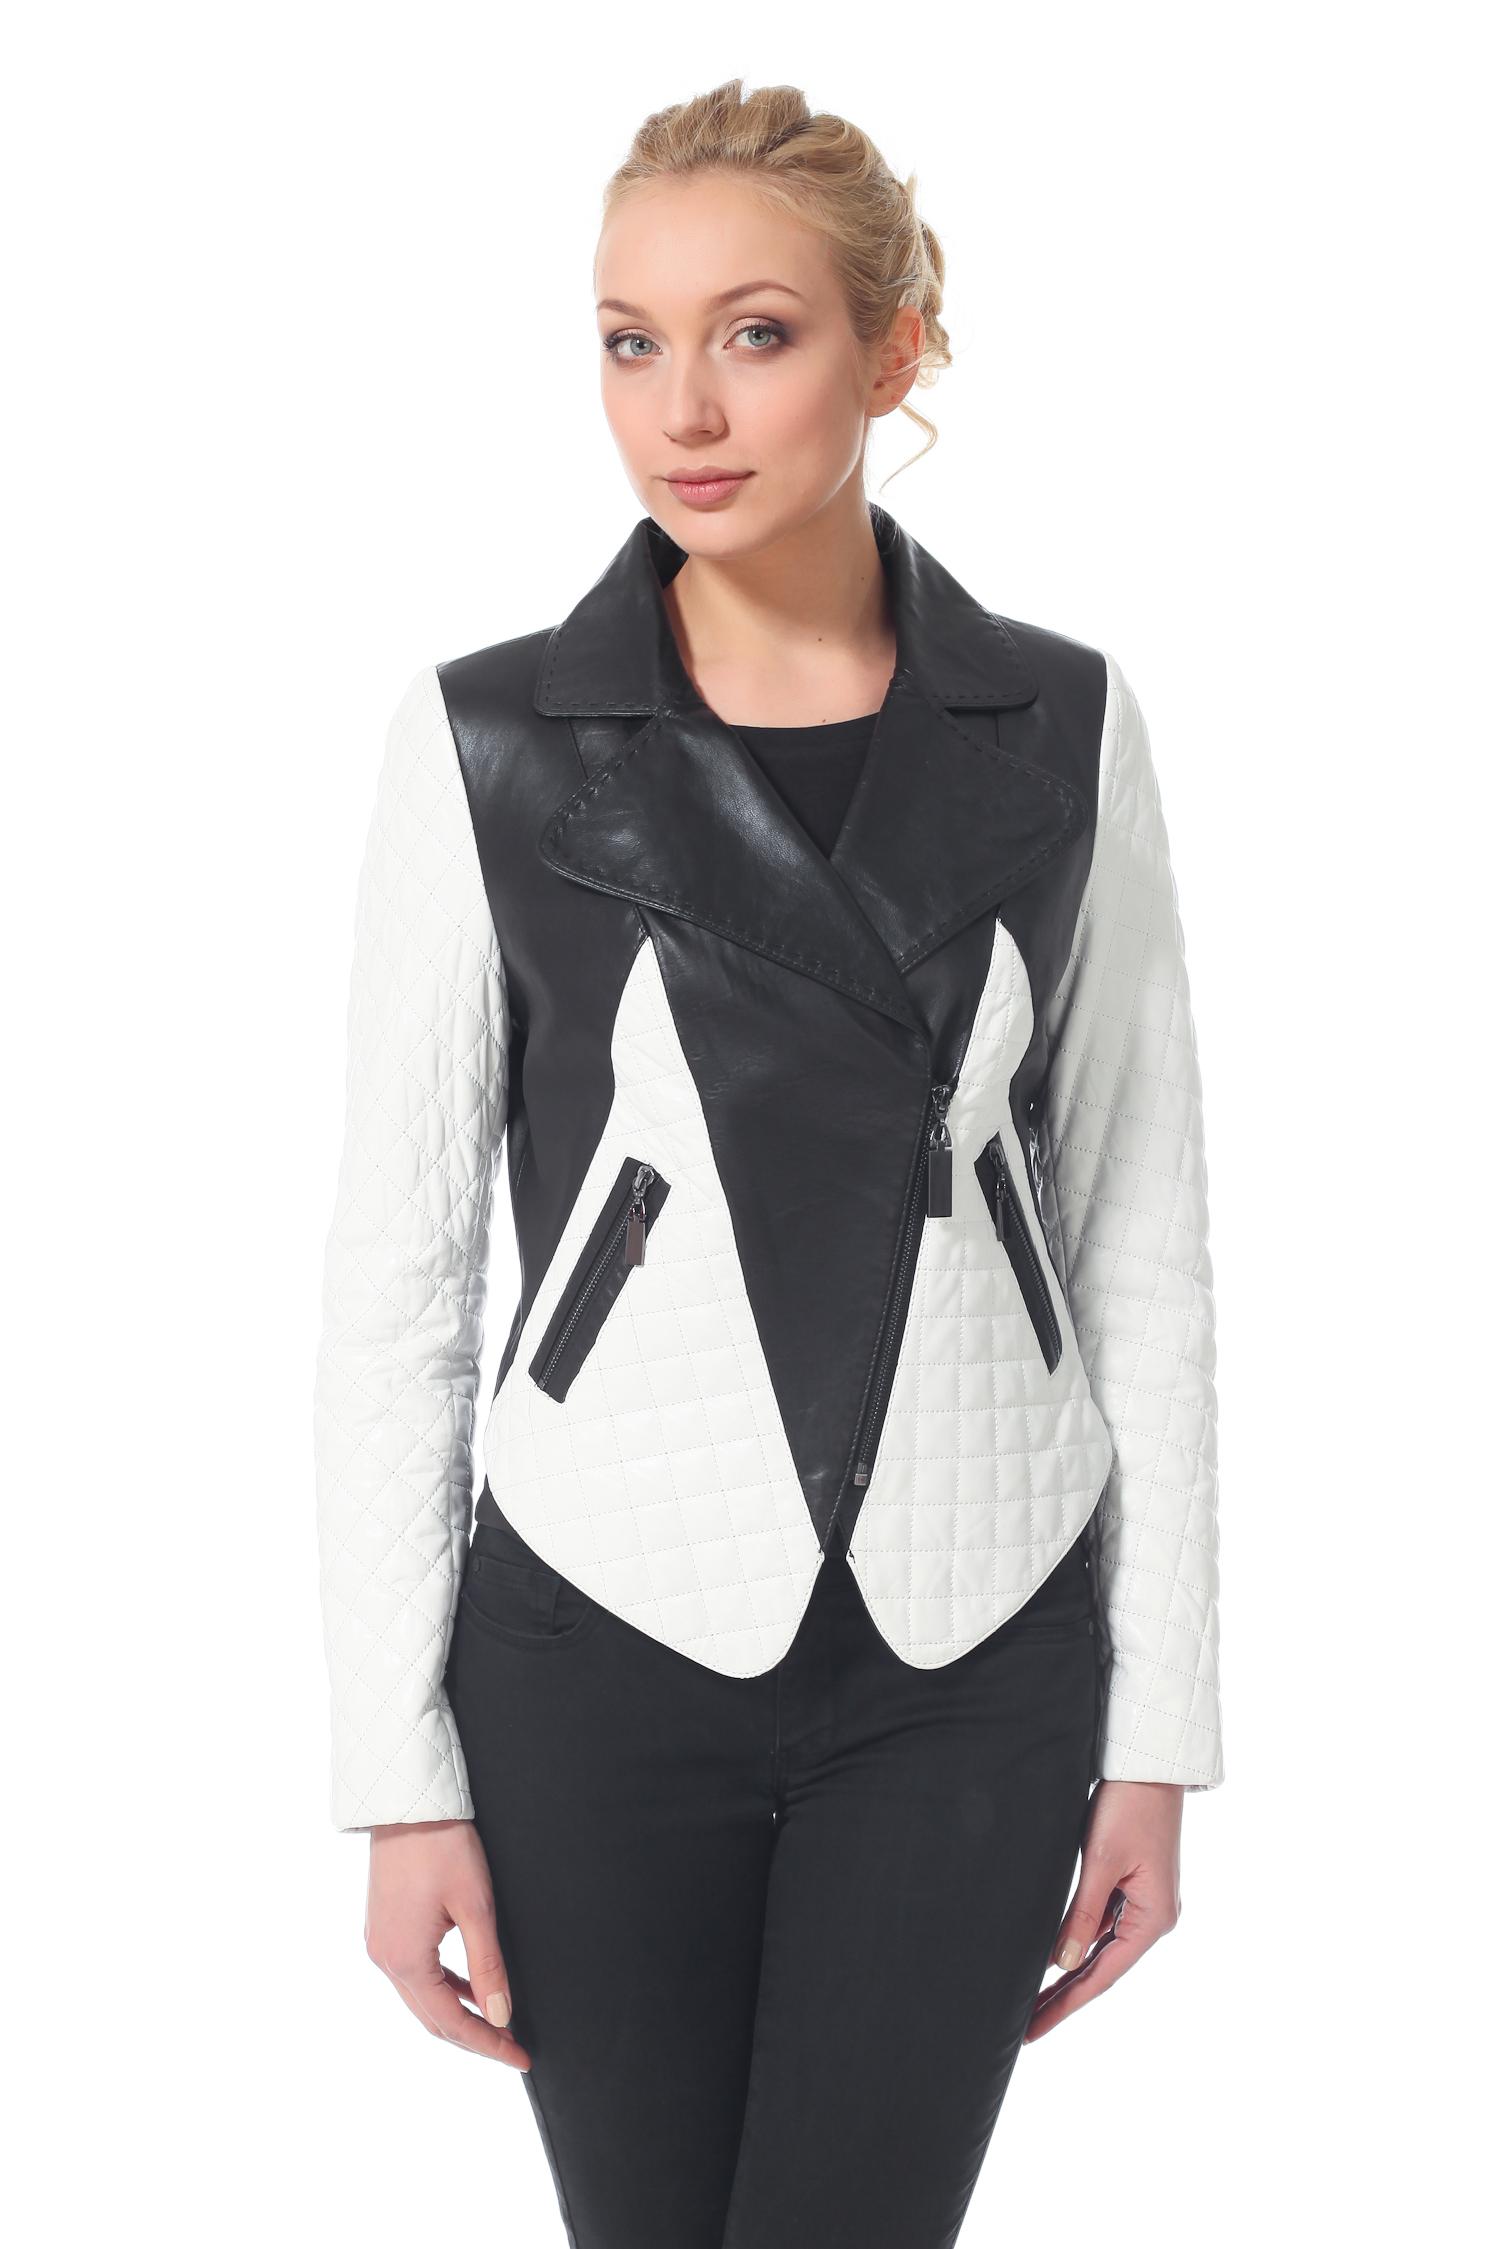 Женская кожаная куртка из натуральной кожи с воротником, без отделки<br><br>Воротник: Английский<br>Длина см: 50<br>Материал: Натуральная кожа<br>Цвет: Черный/белый<br>Пол: Женский